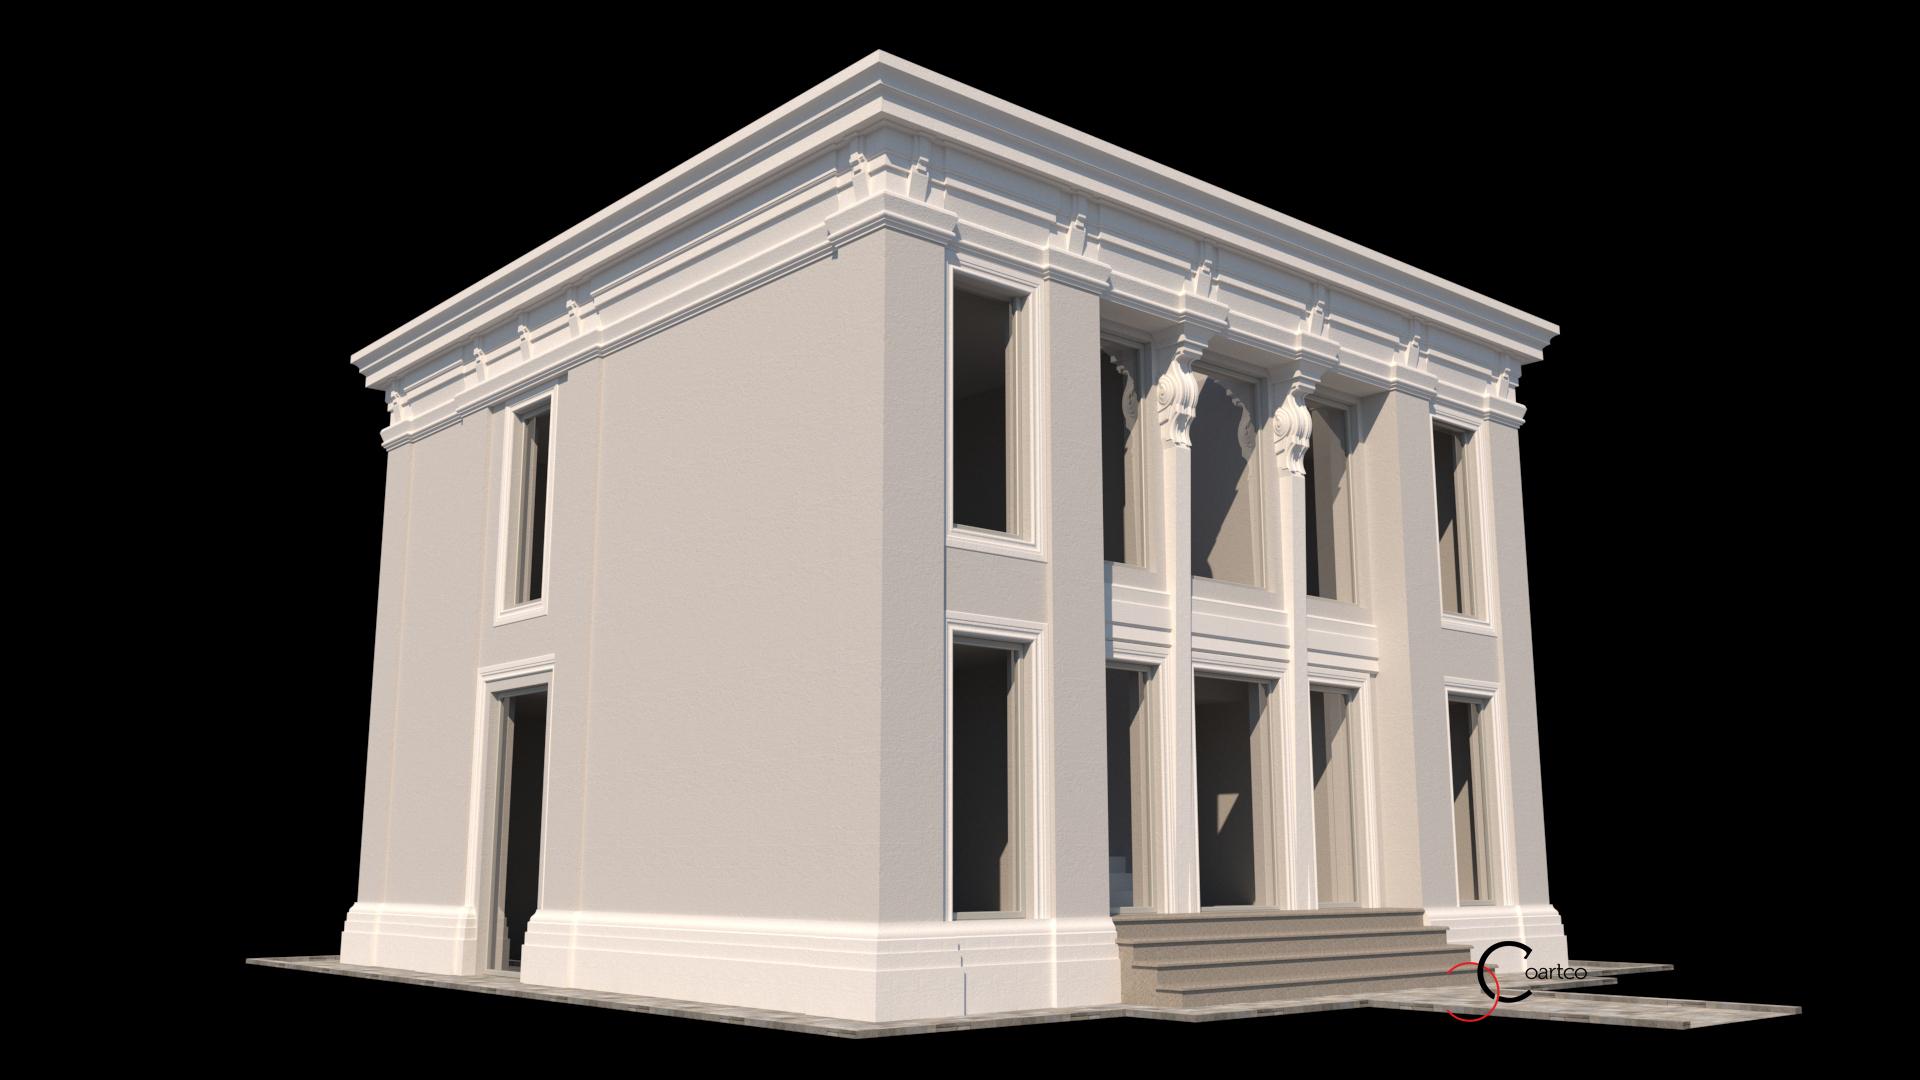 4-proiect-casa-cu-etaj-morna-cu-bagheta-decorativa-polistiren